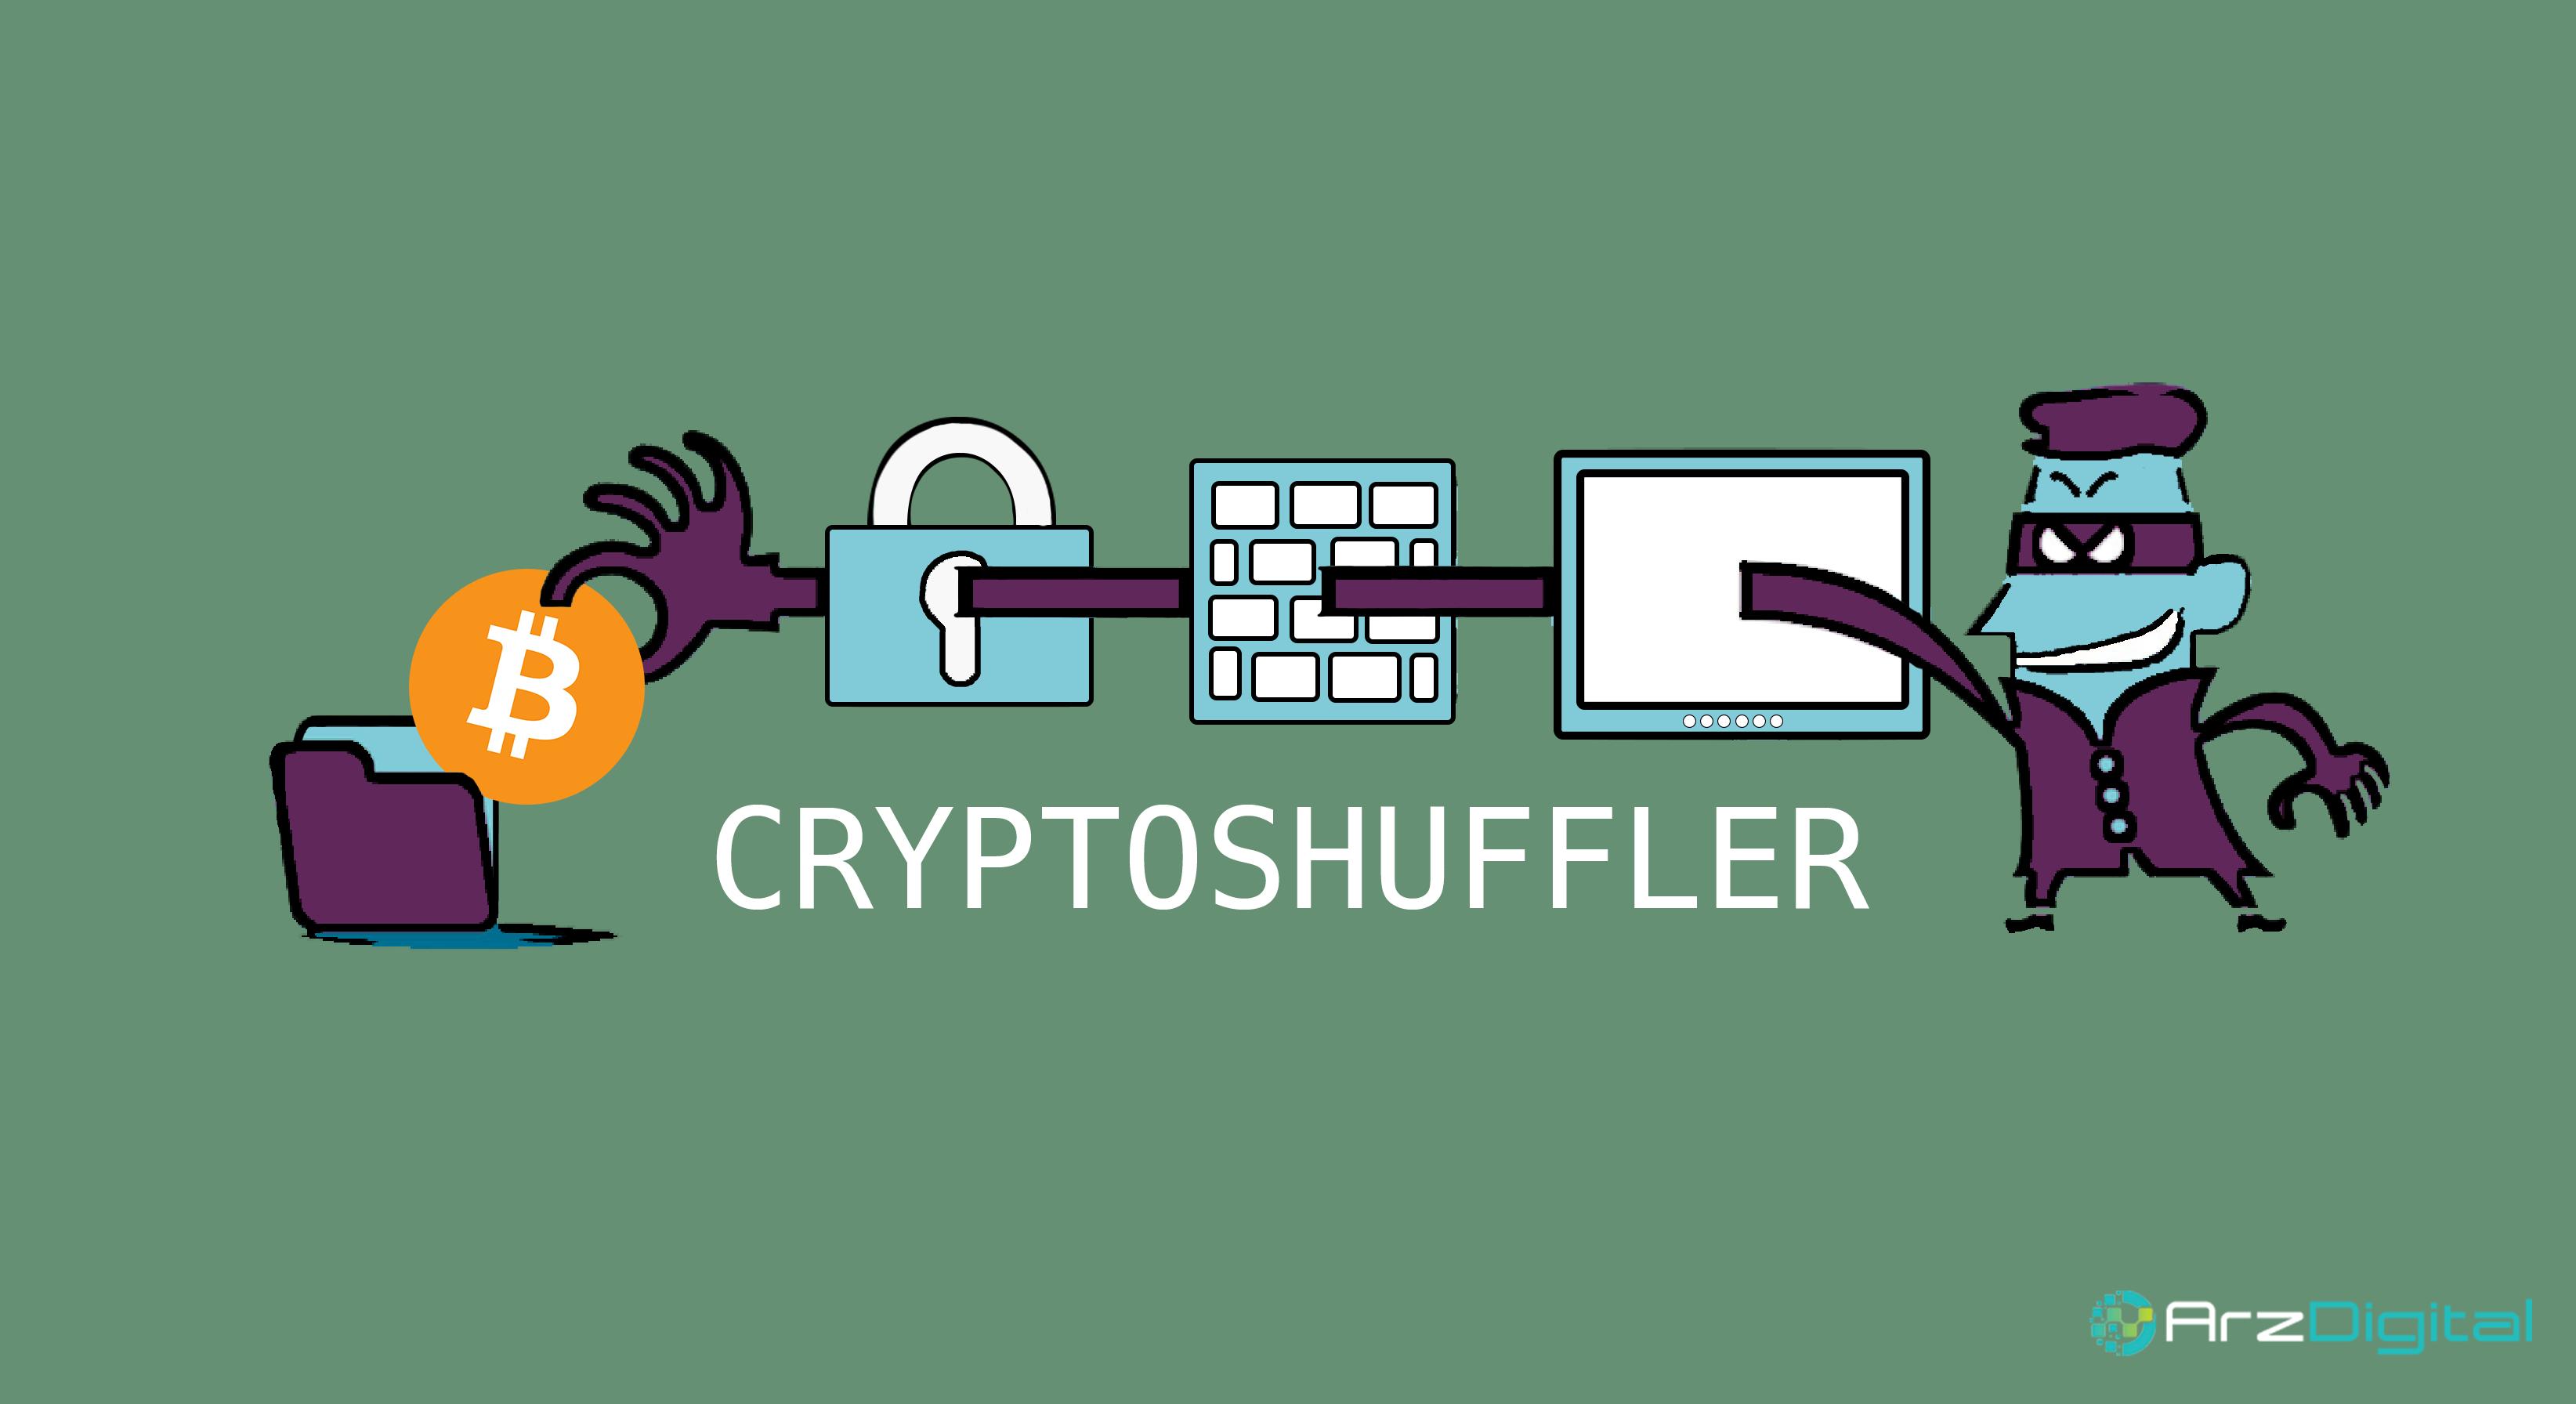 چگونه از خودمان در مقابل تروجان کریپتو شافل (CryptoShuffle) محافظت کنیم؟